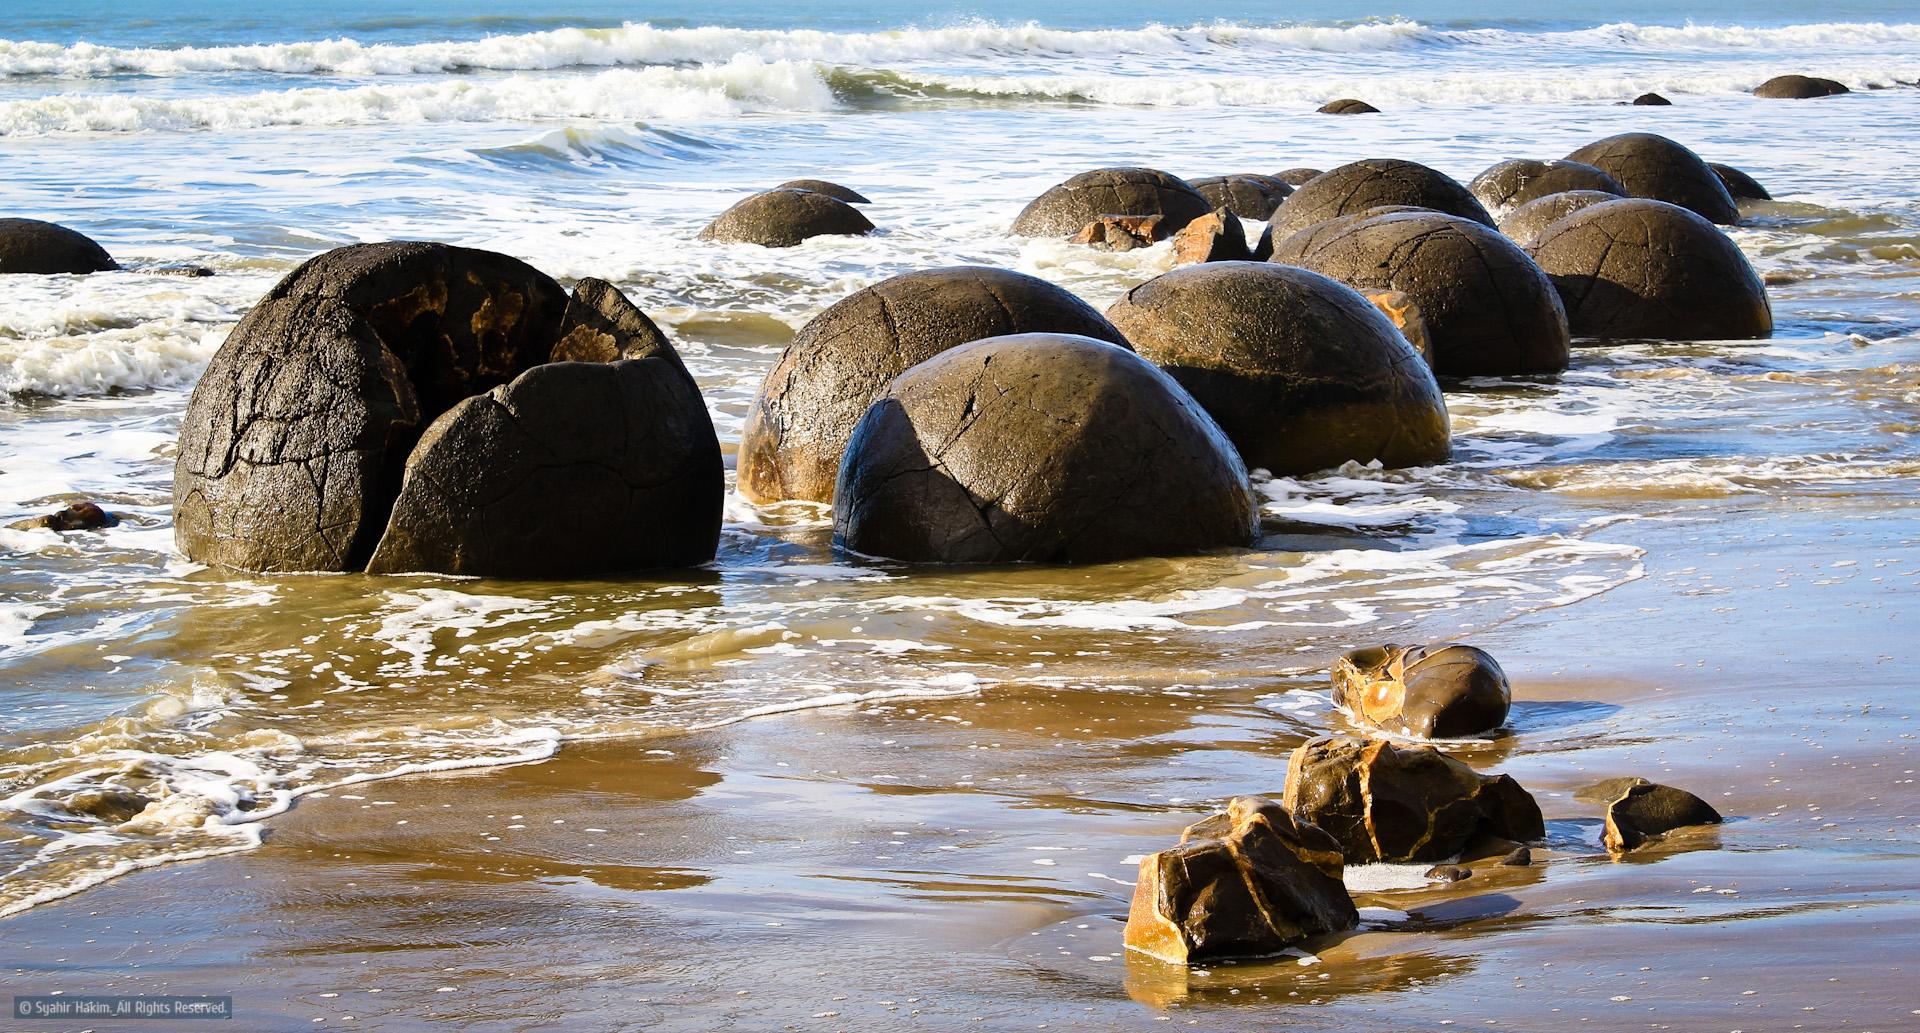 10.-Koekohe-Beach-near-Moeraki-New-Zealand-2